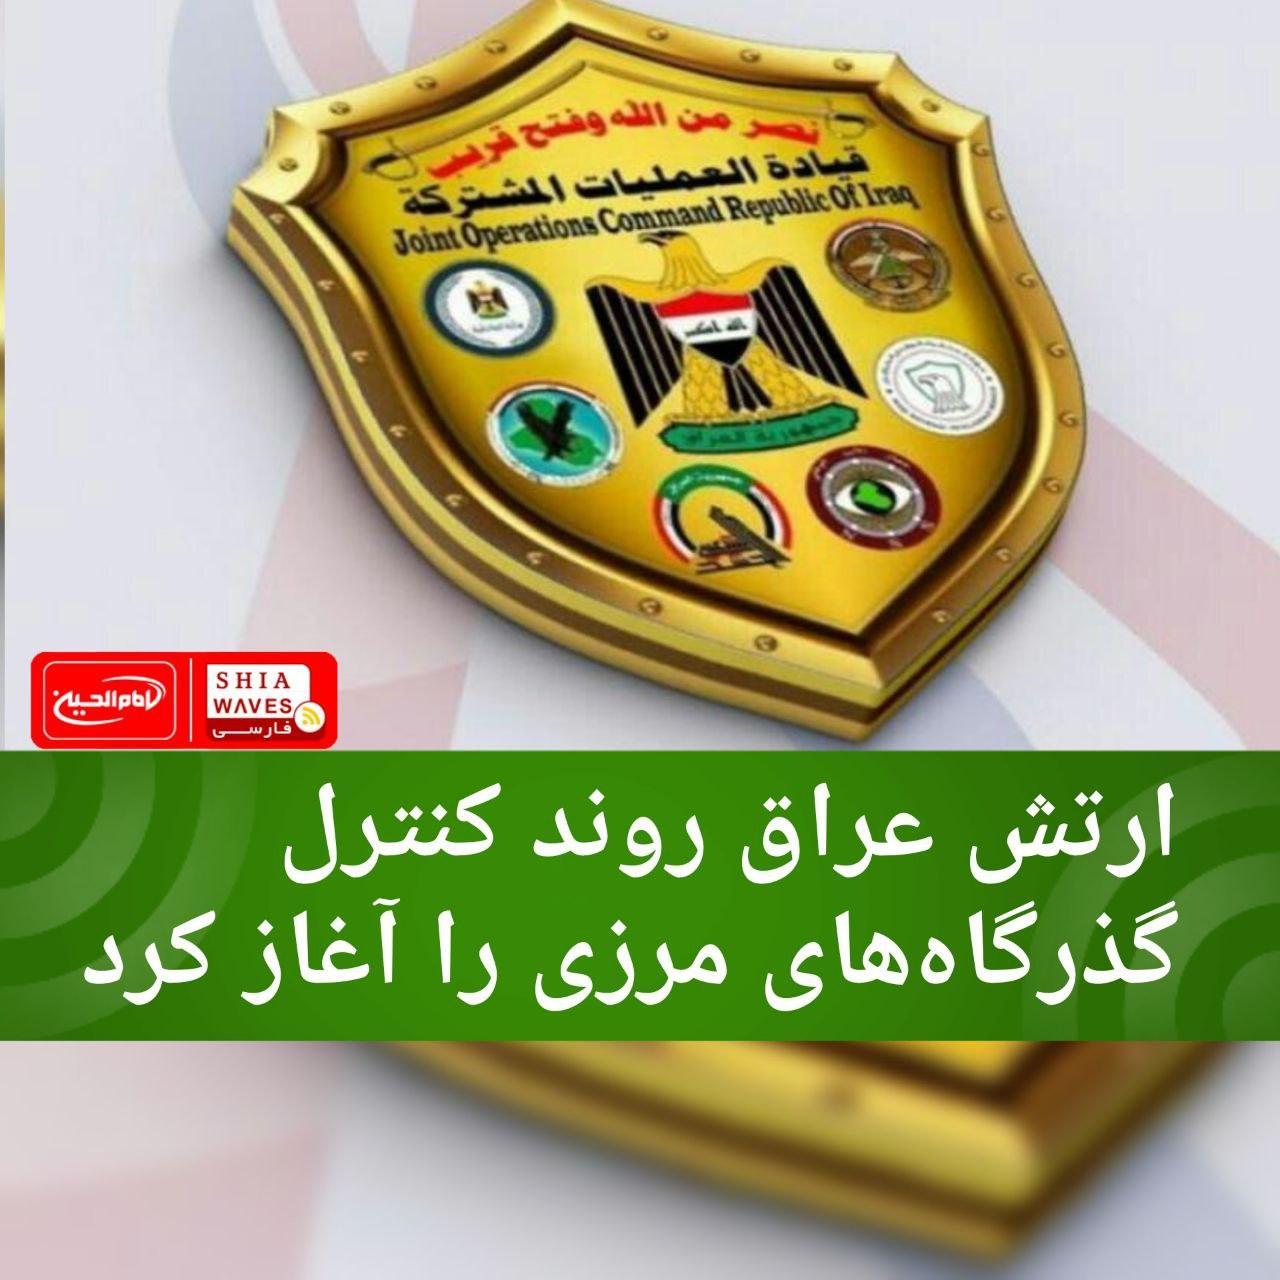 تصویر ارتش عراق روند کنترل گذرگاههای مرزی را آغاز کرد